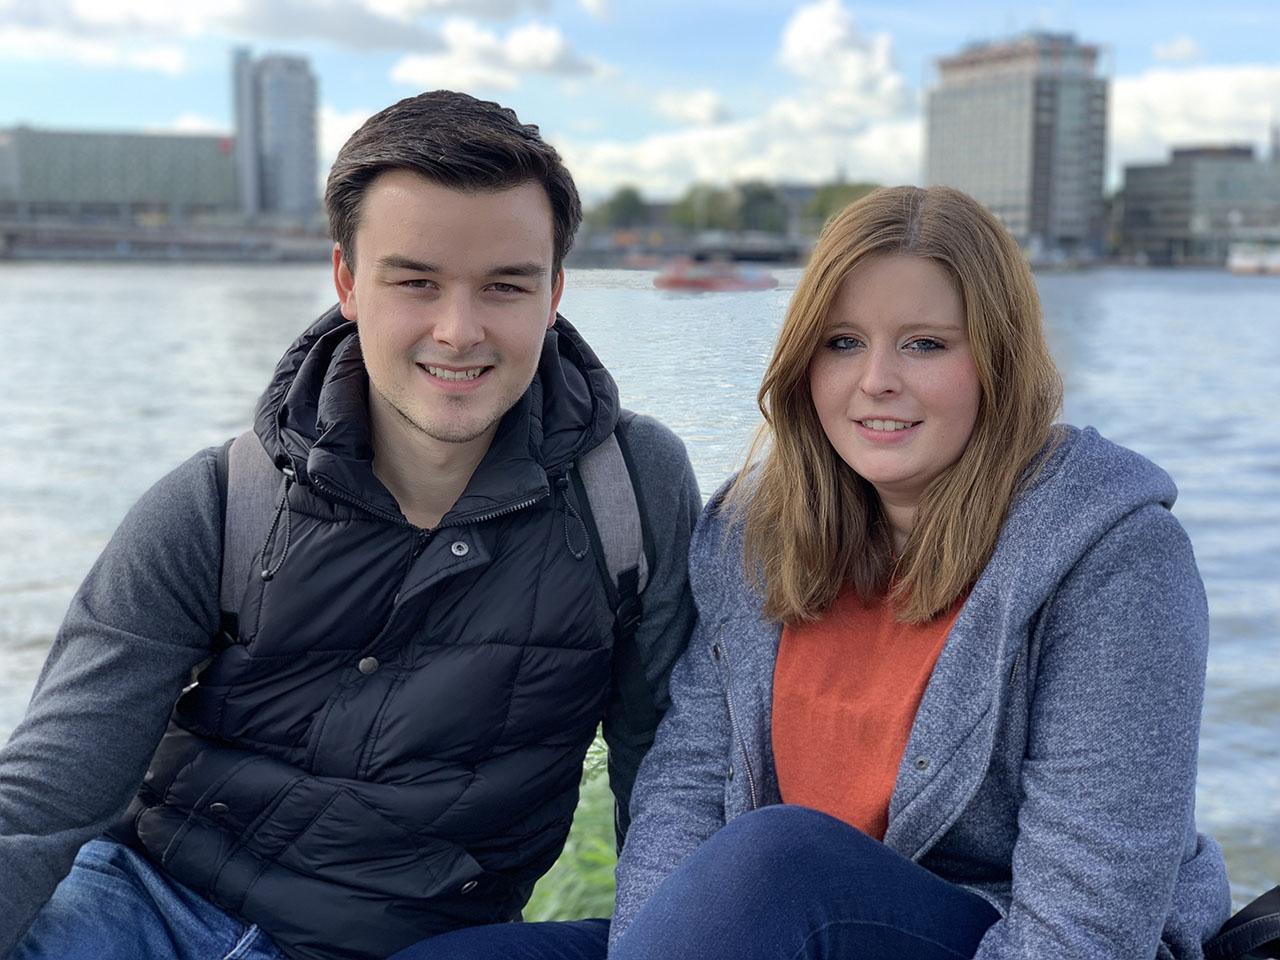 Twee mensen aan het IJ, foto gemaakt met iPhone XS Max